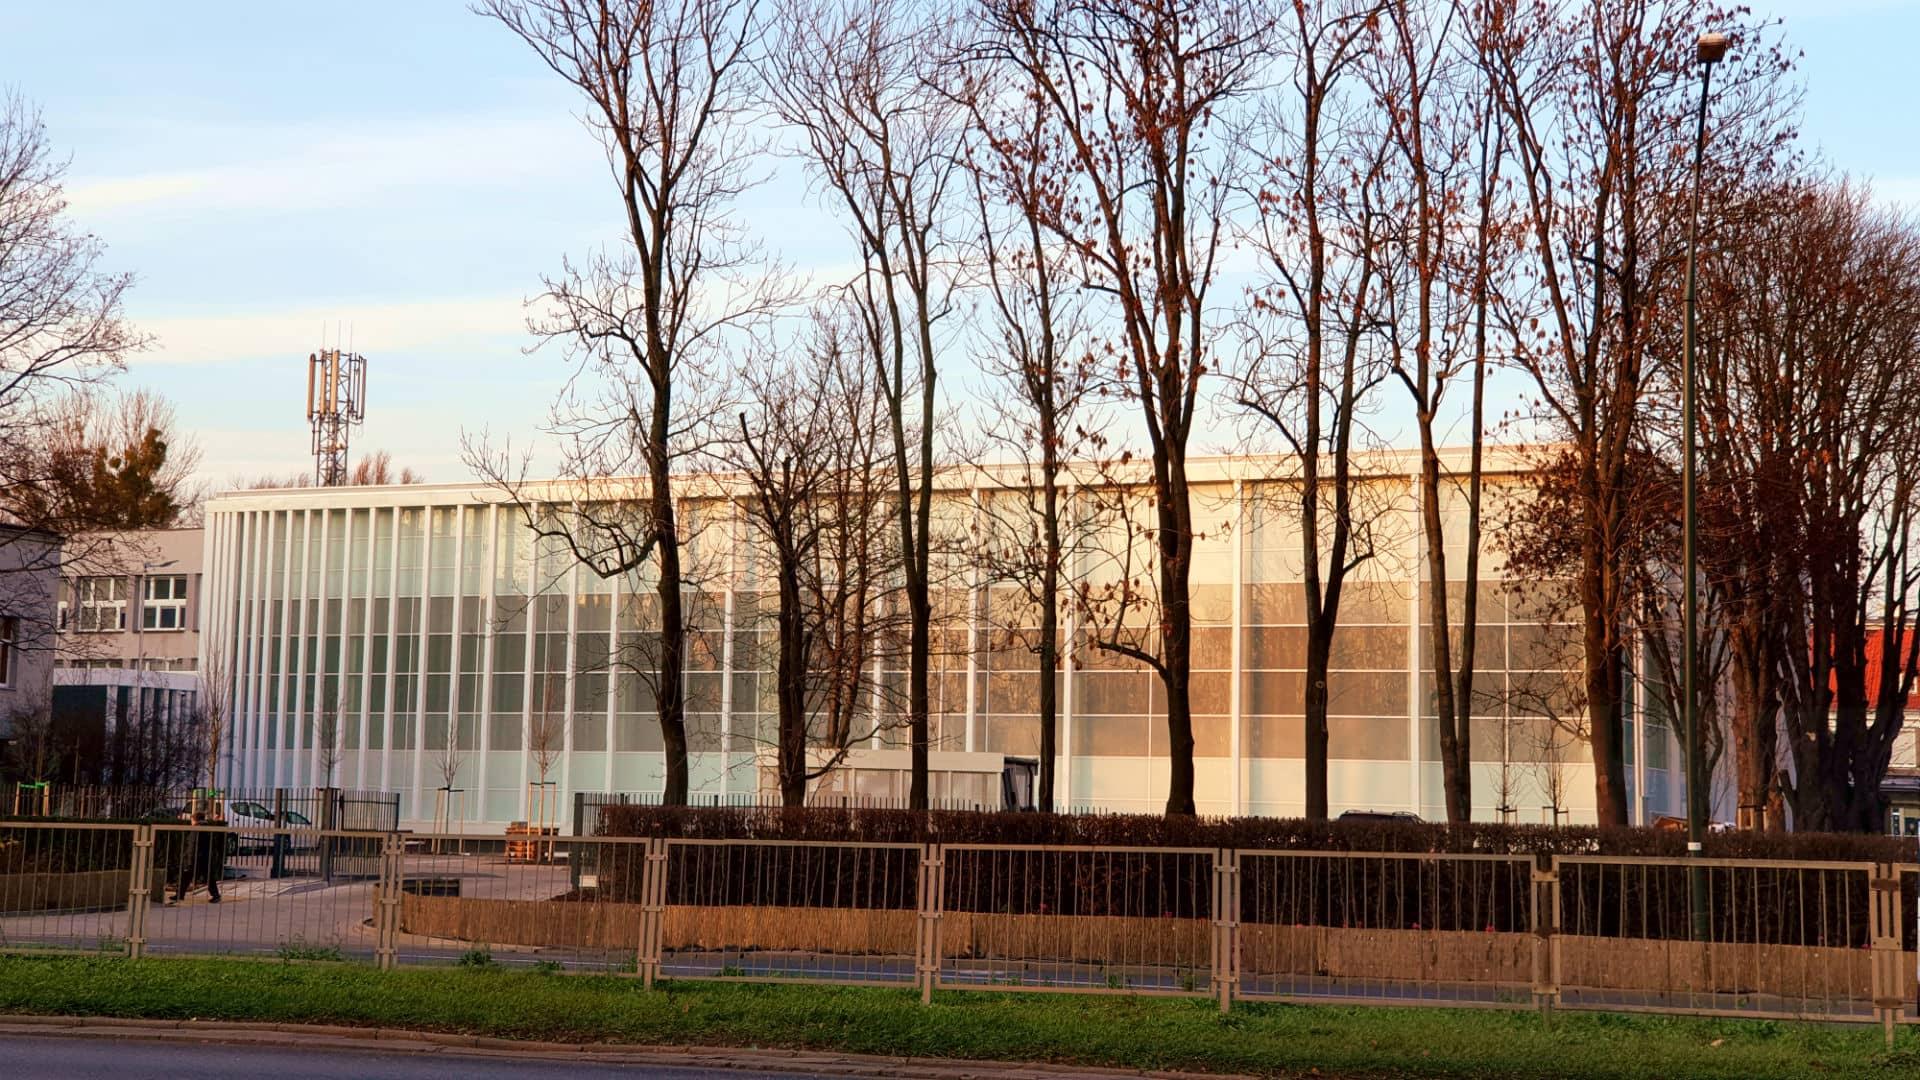 Budowa hali sportowej